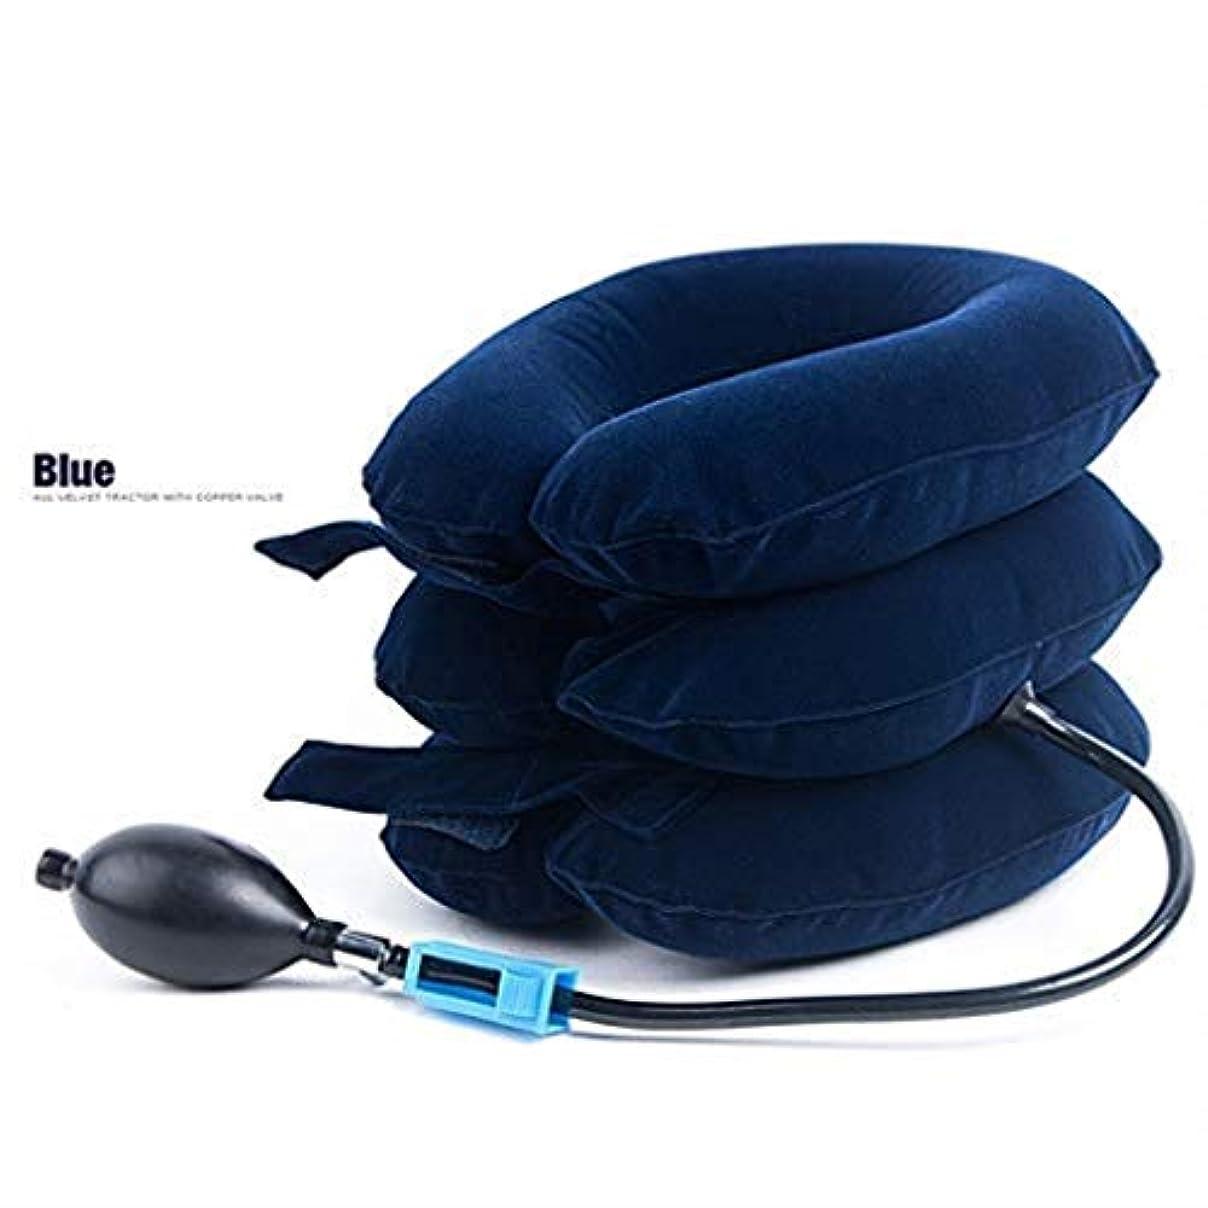 かりて踏みつけ取るに足らない首のマッサージャー、膨脹可能なマッサージの首の枕、頚部頚部牽引用具、旅行枕背部肩の首のマッサージャーの健康用具 (Color : Biue)